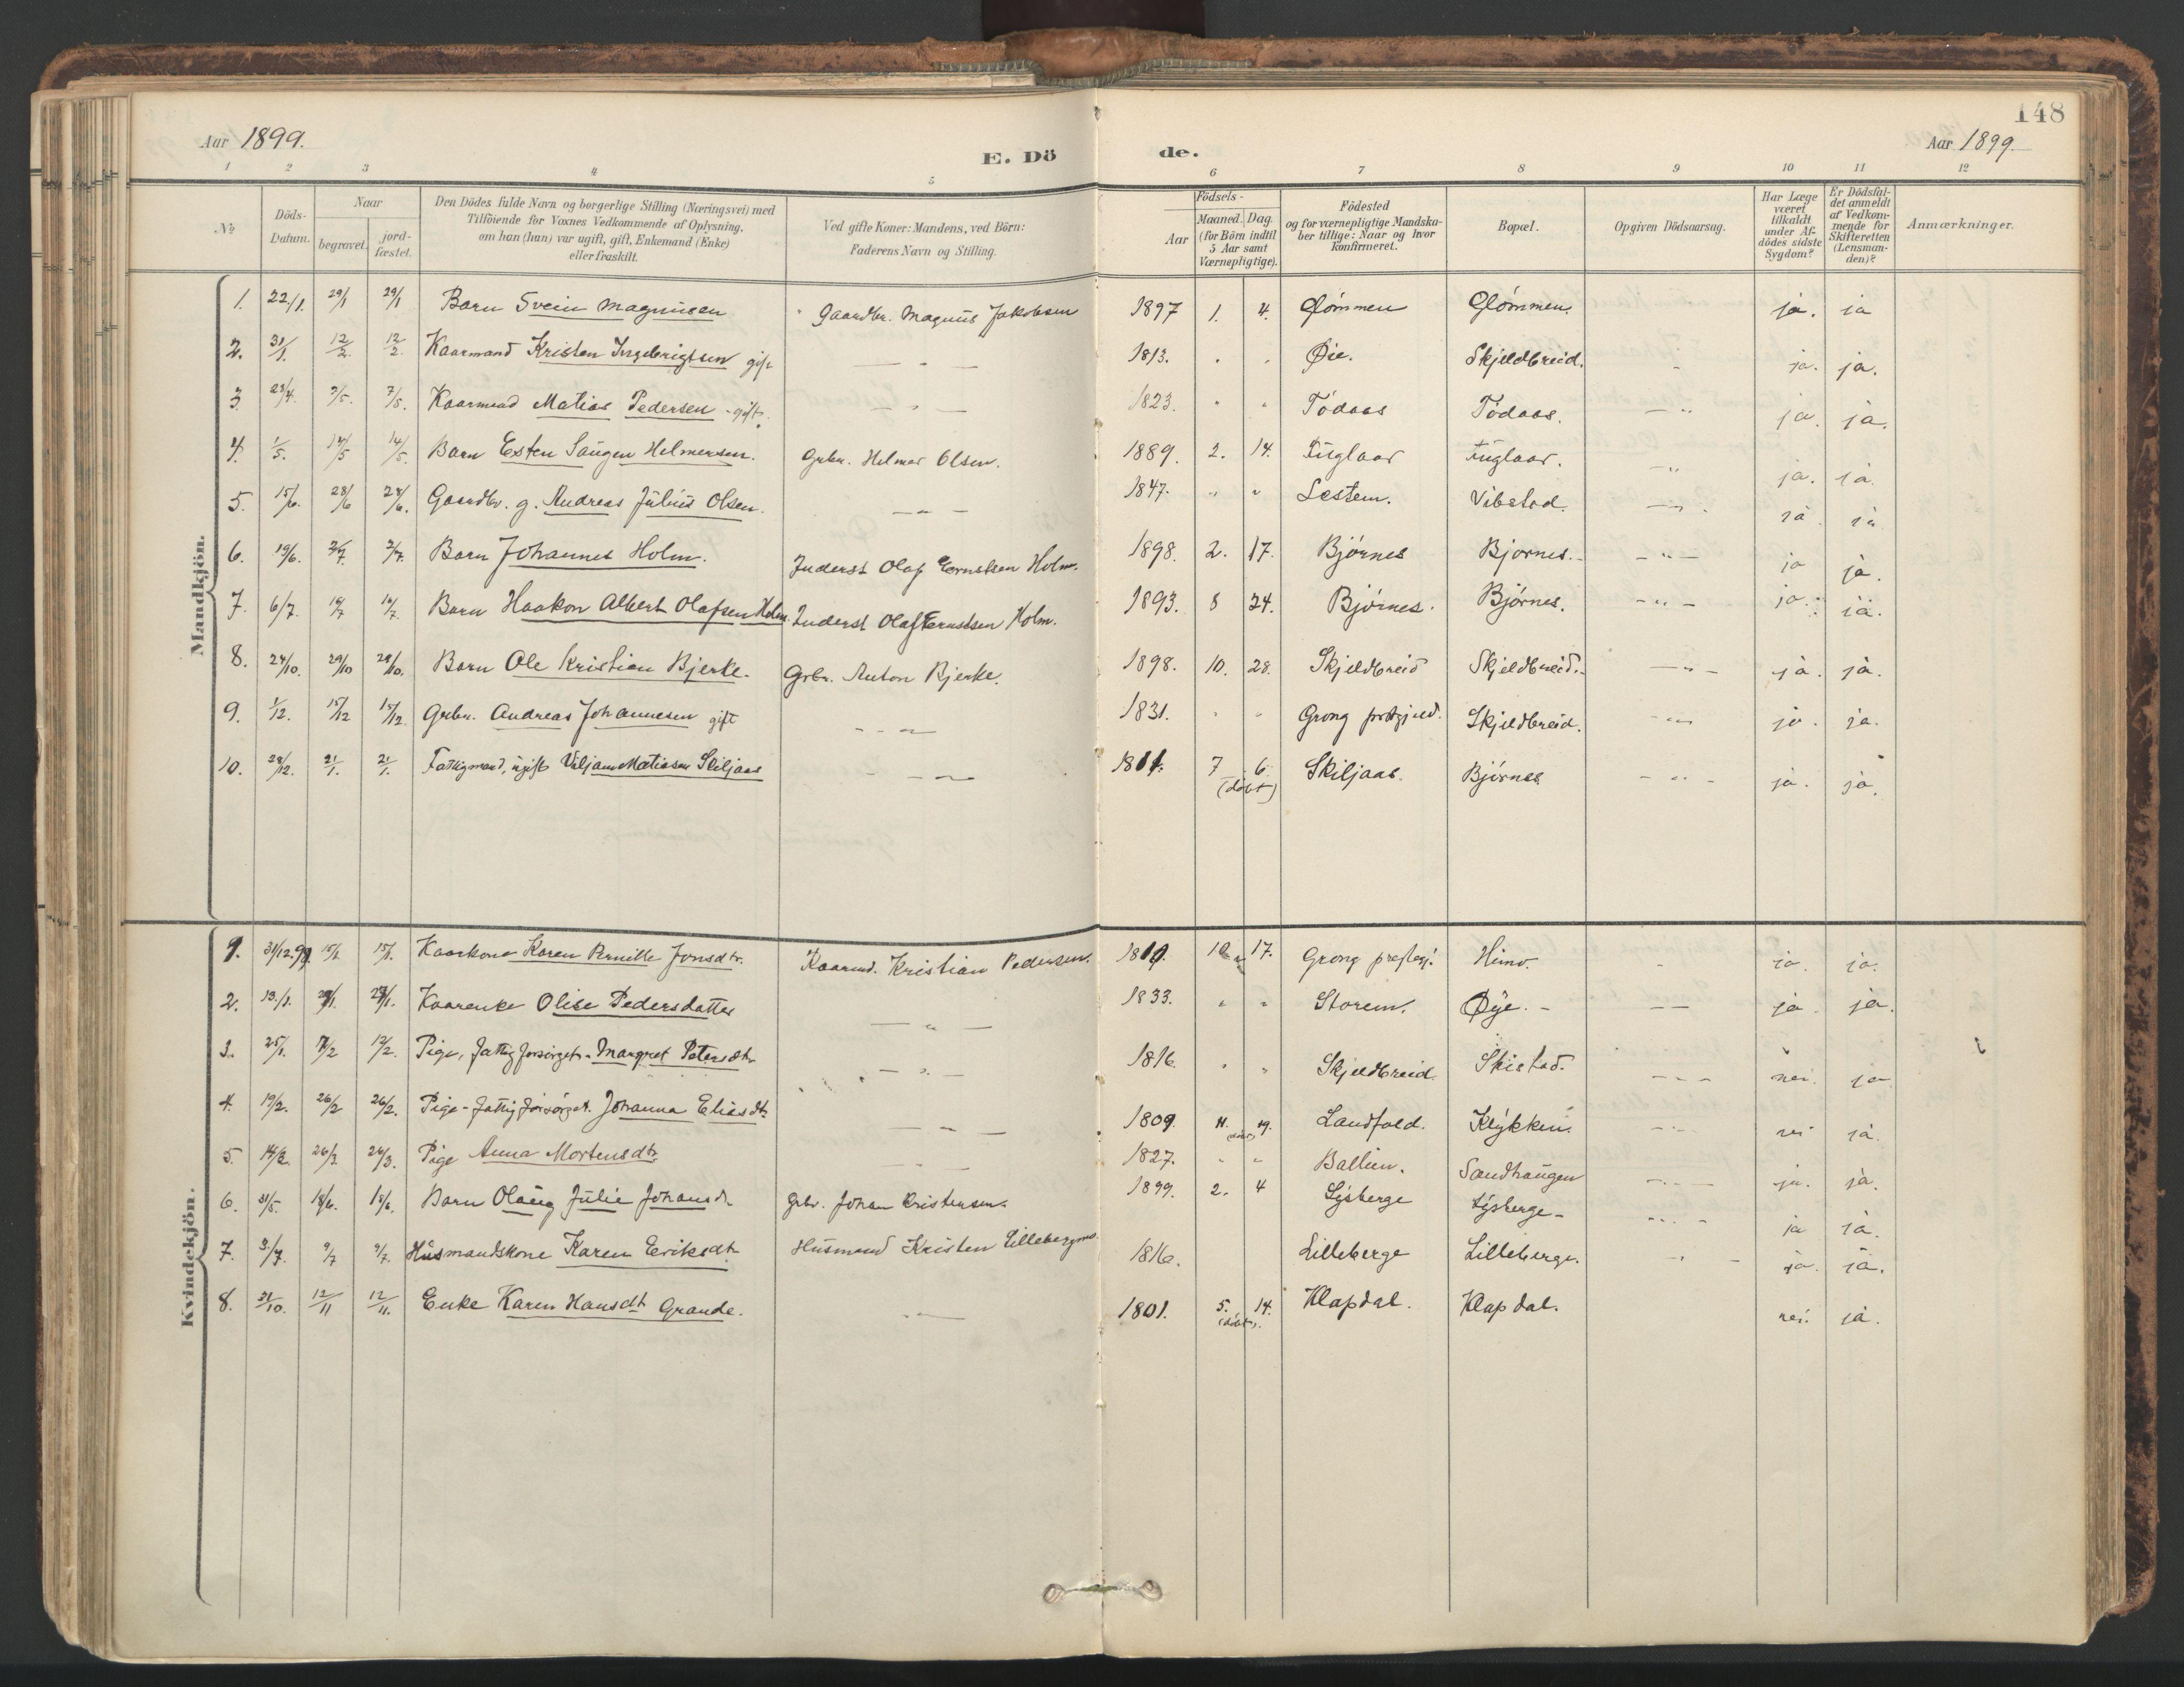 SAT, Ministerialprotokoller, klokkerbøker og fødselsregistre - Nord-Trøndelag, 764/L0556: Ministerialbok nr. 764A11, 1897-1924, s. 148